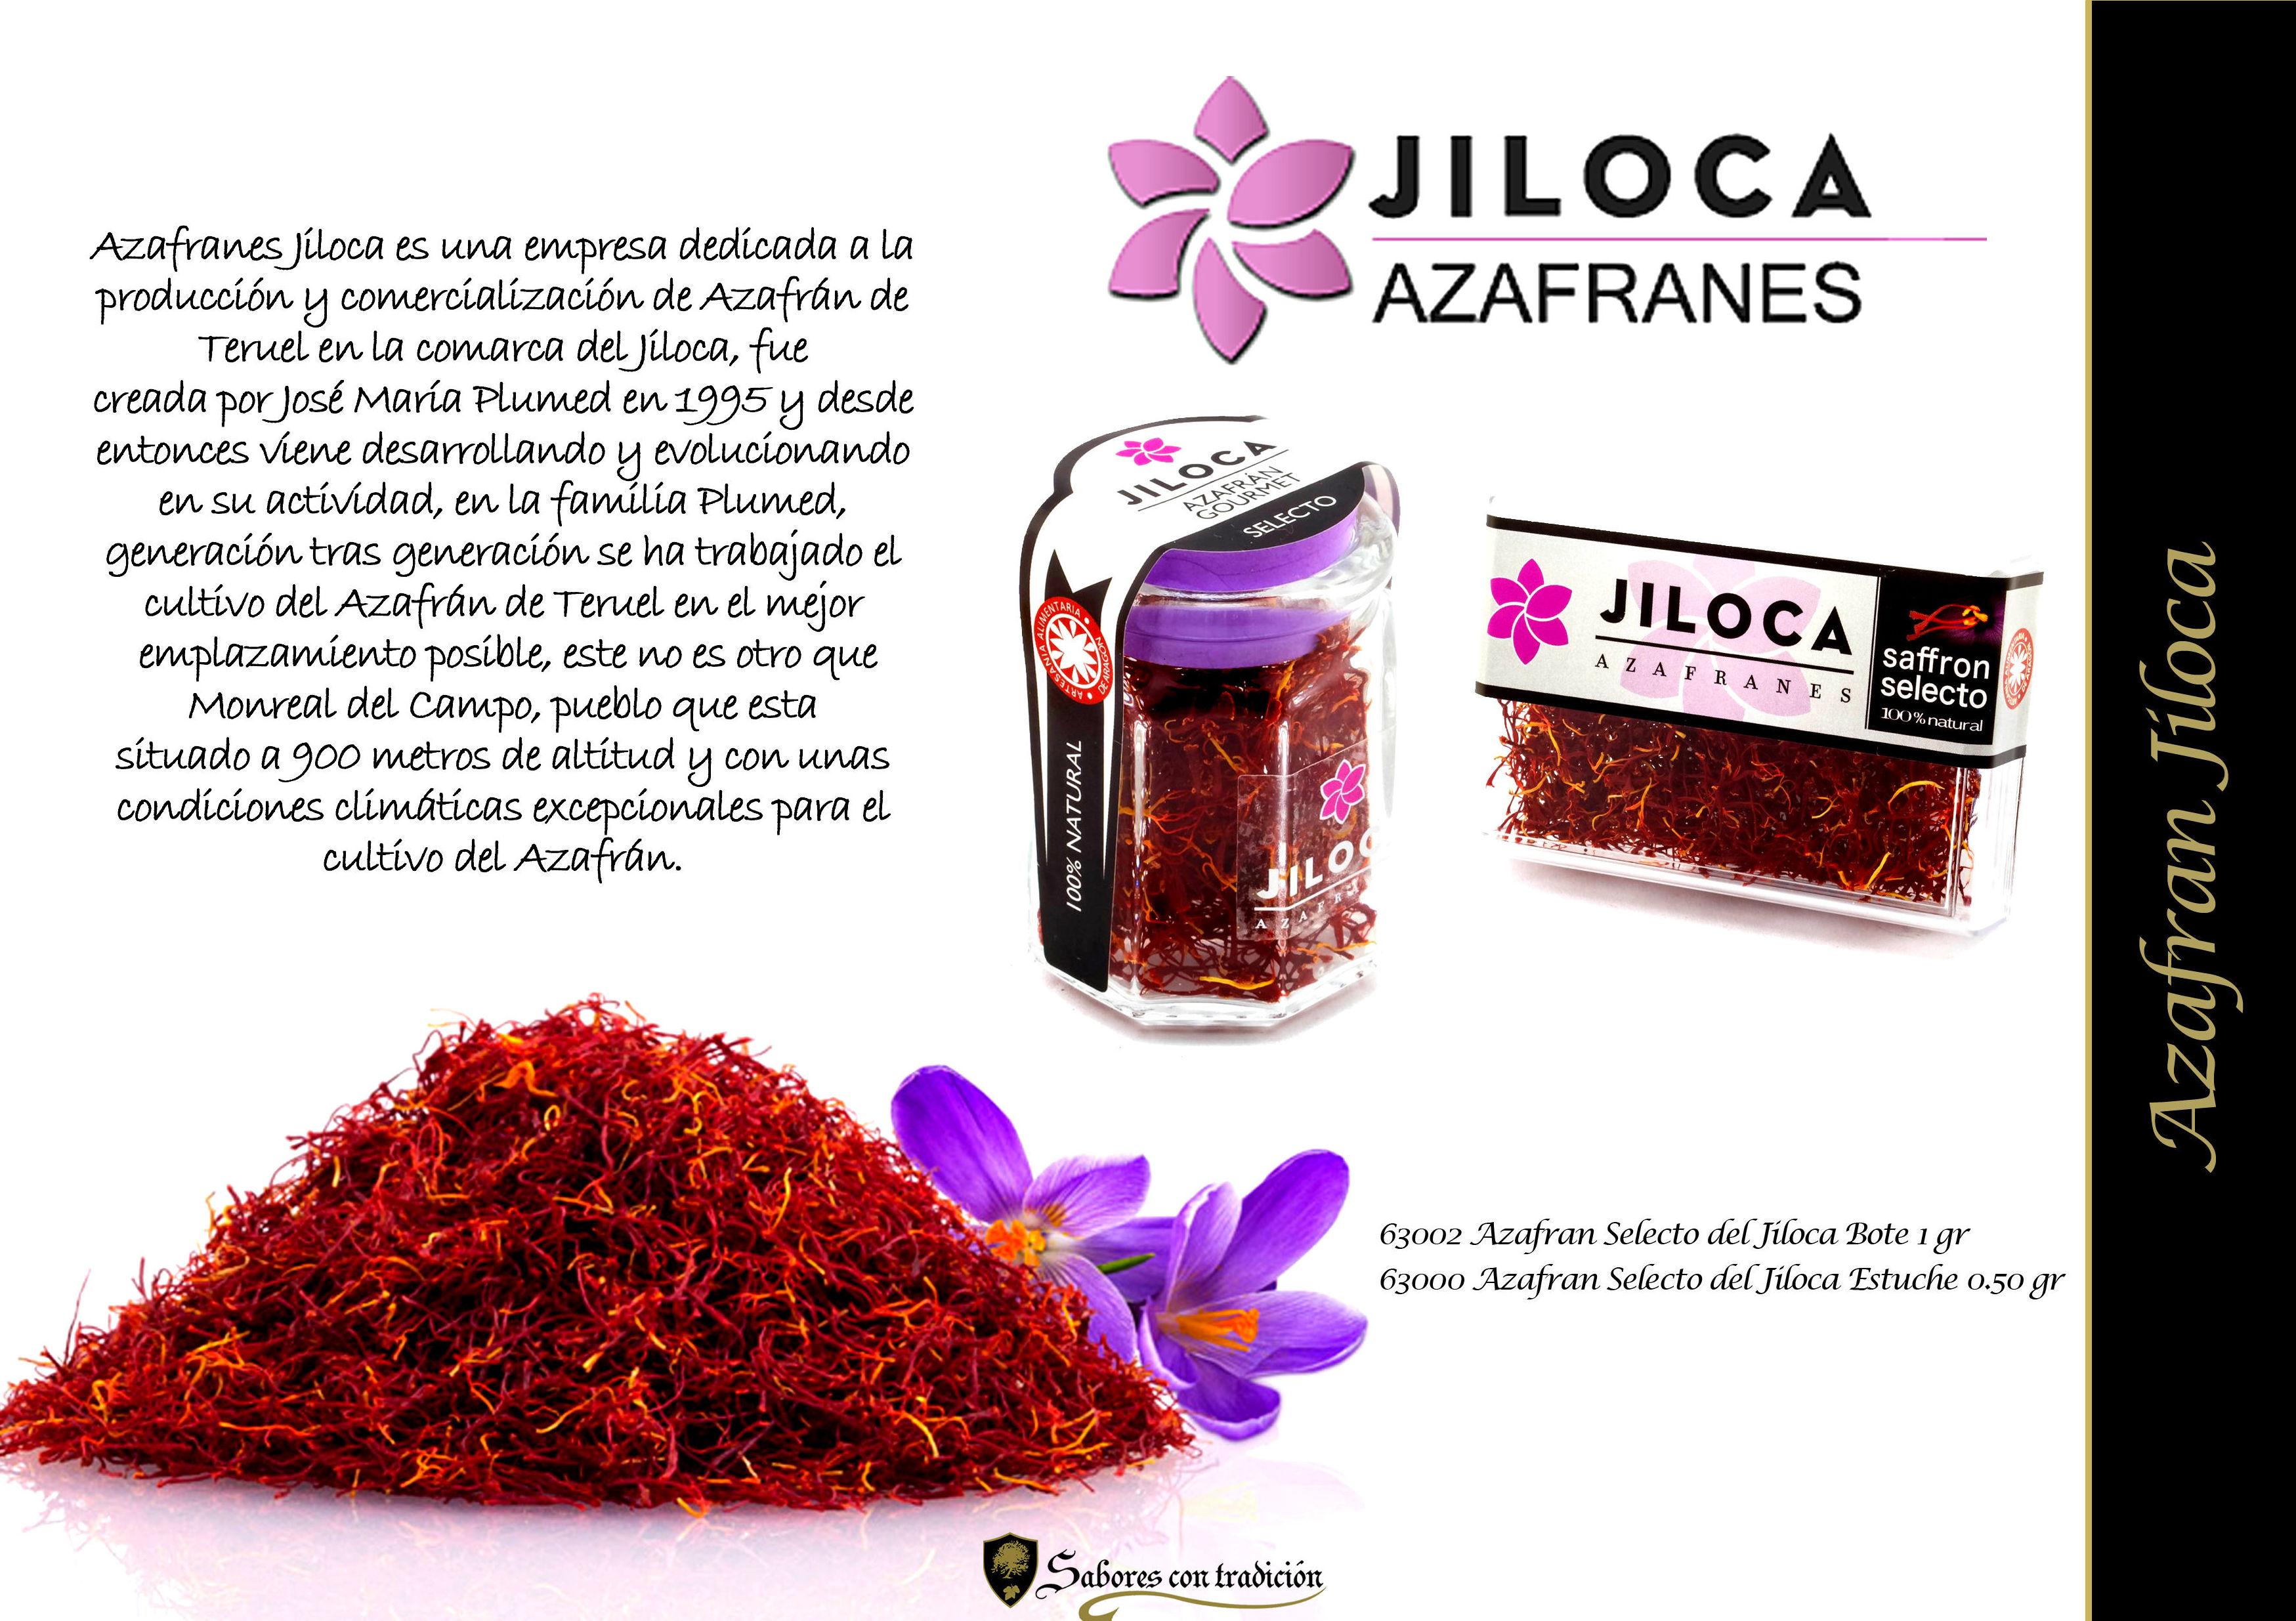 Azafrán Jiloca: Productos de Sabores con tradición